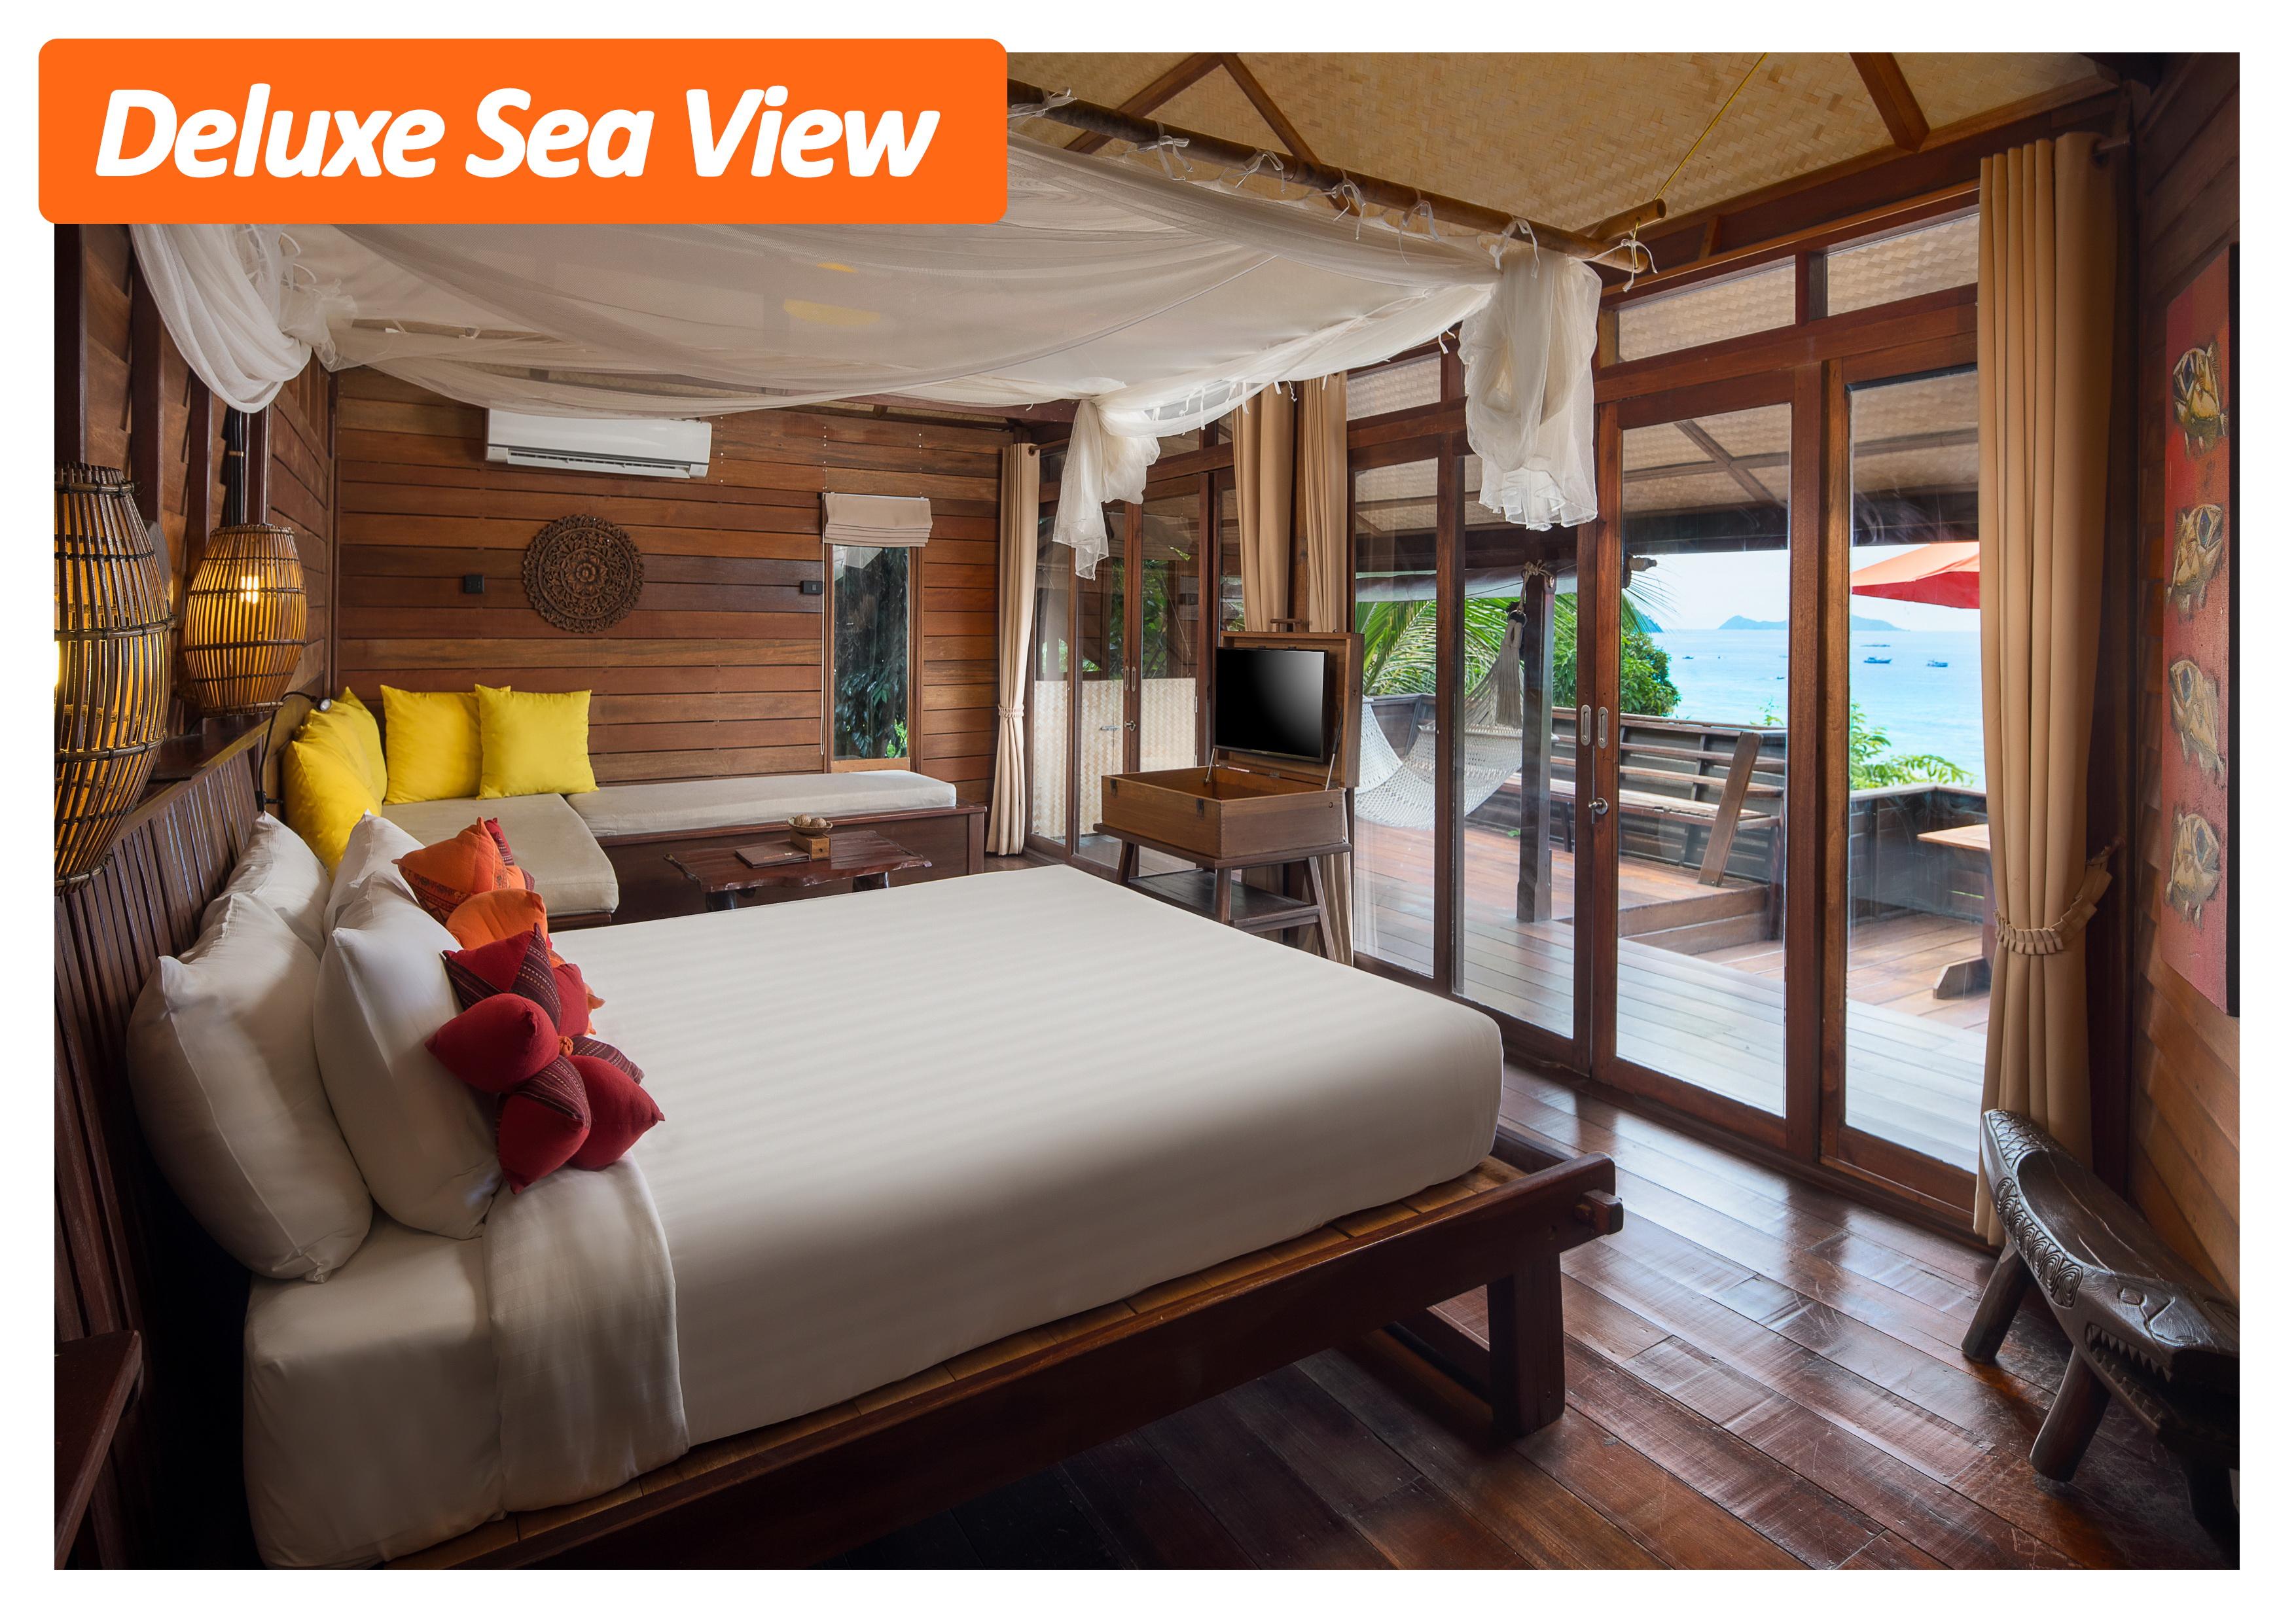 Deluxe Sea View | Serendipity resort